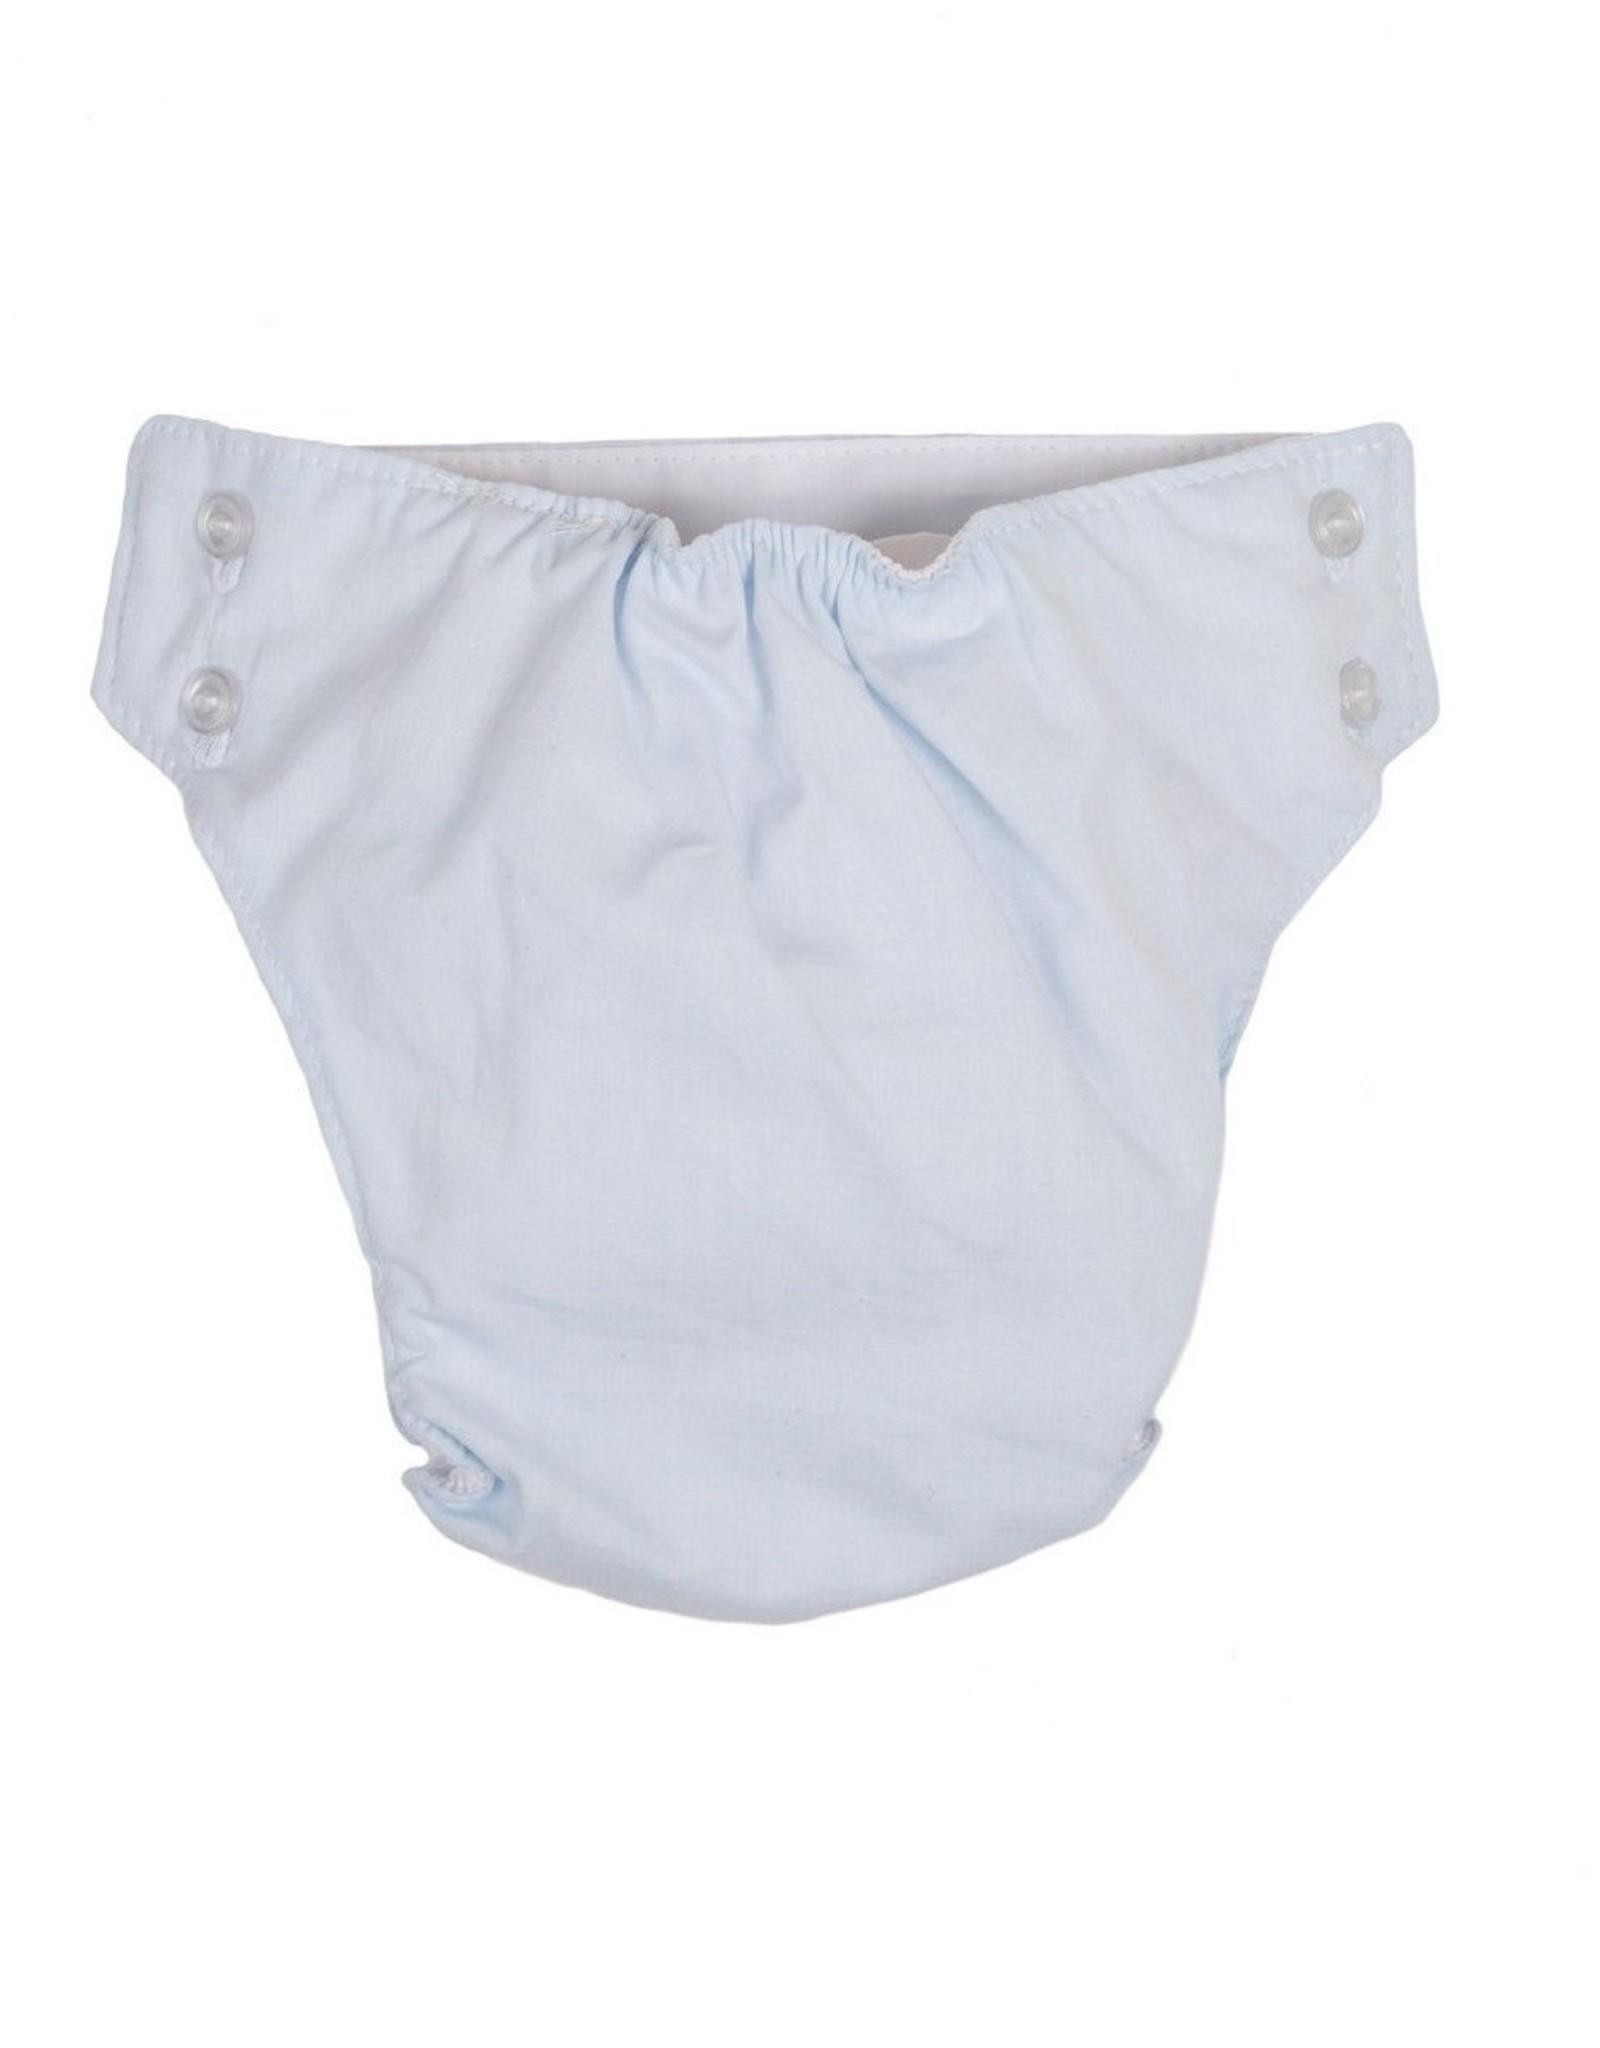 The Beaufort Bonnet Company Dalton Diaper Cover